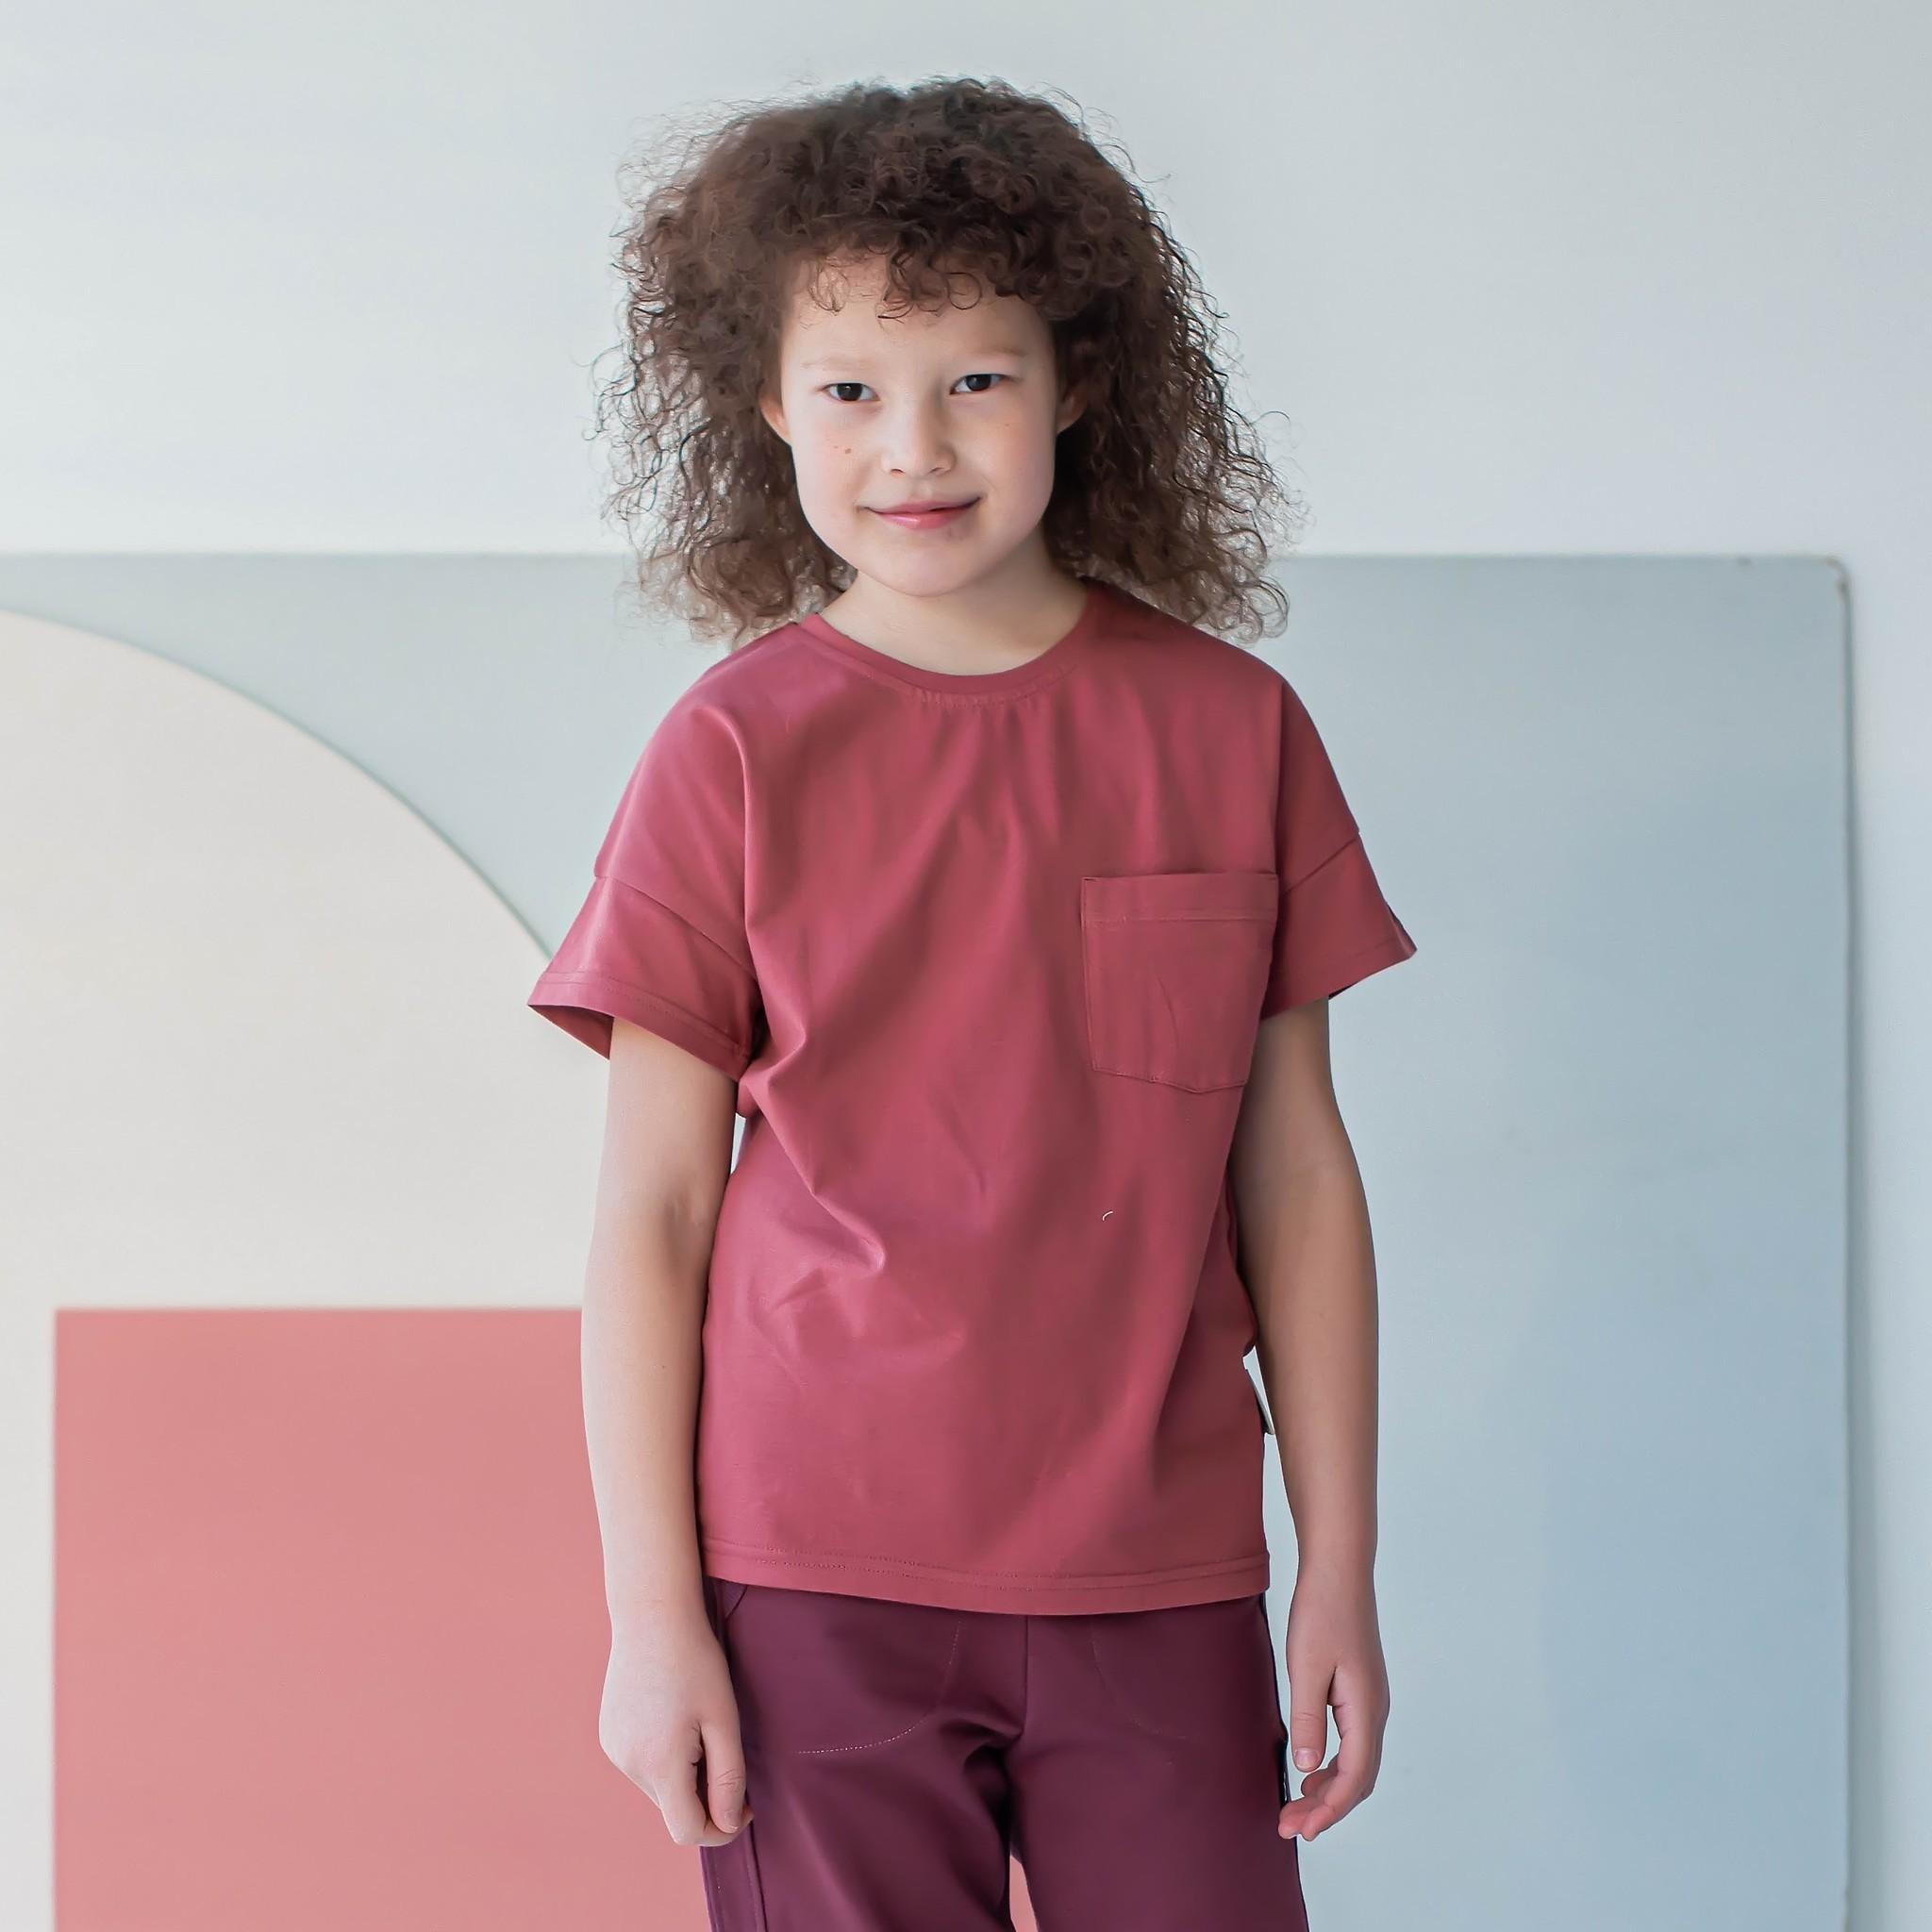 Basic T-shirt for teens - Dusty Cedar